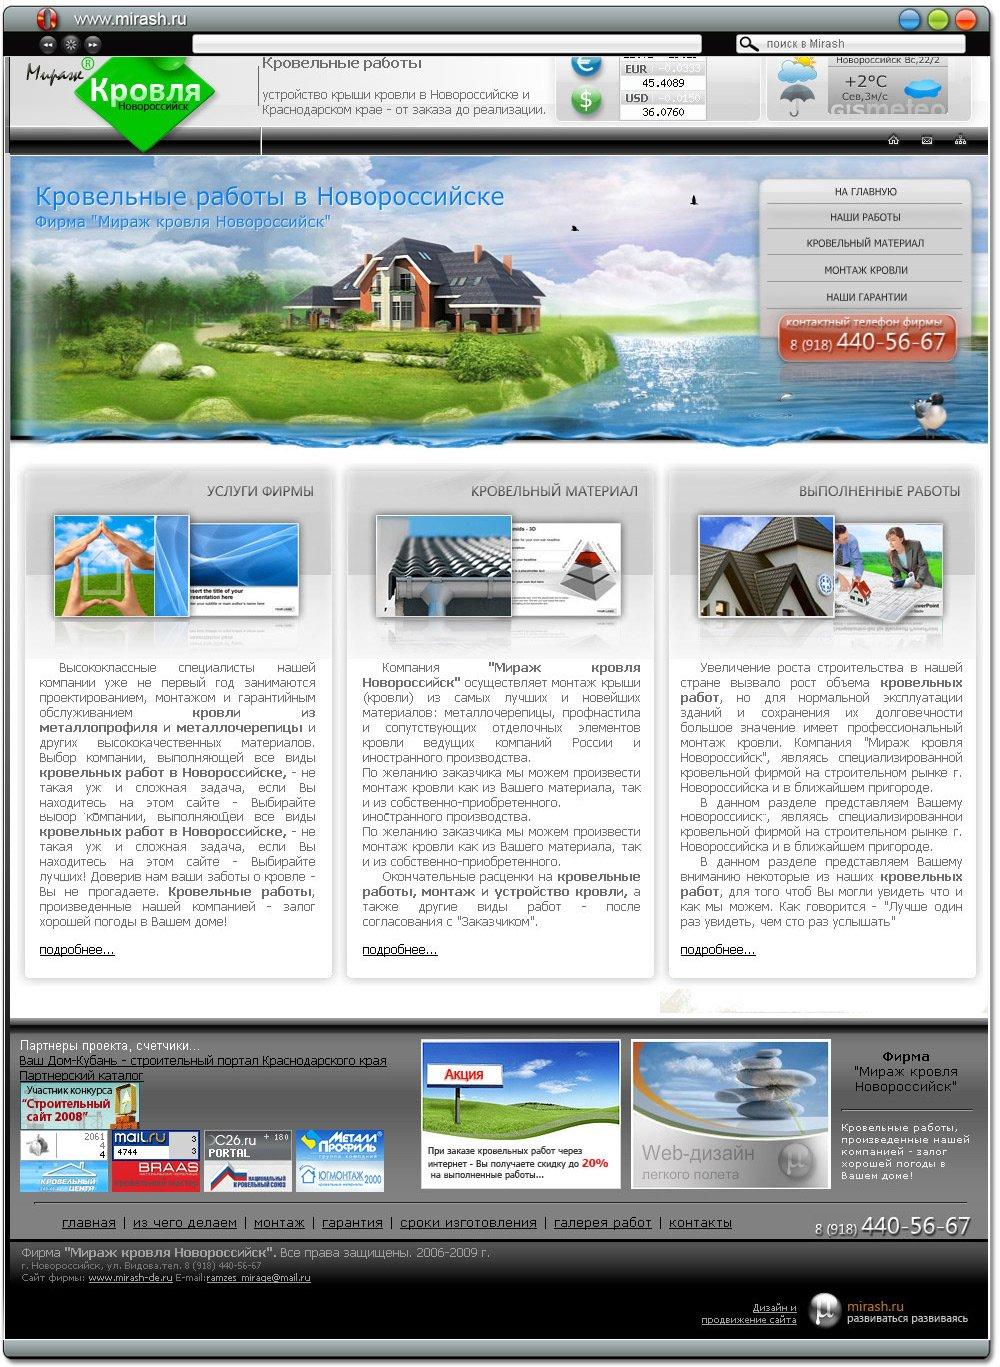 кровля Веб-дизайн сайта